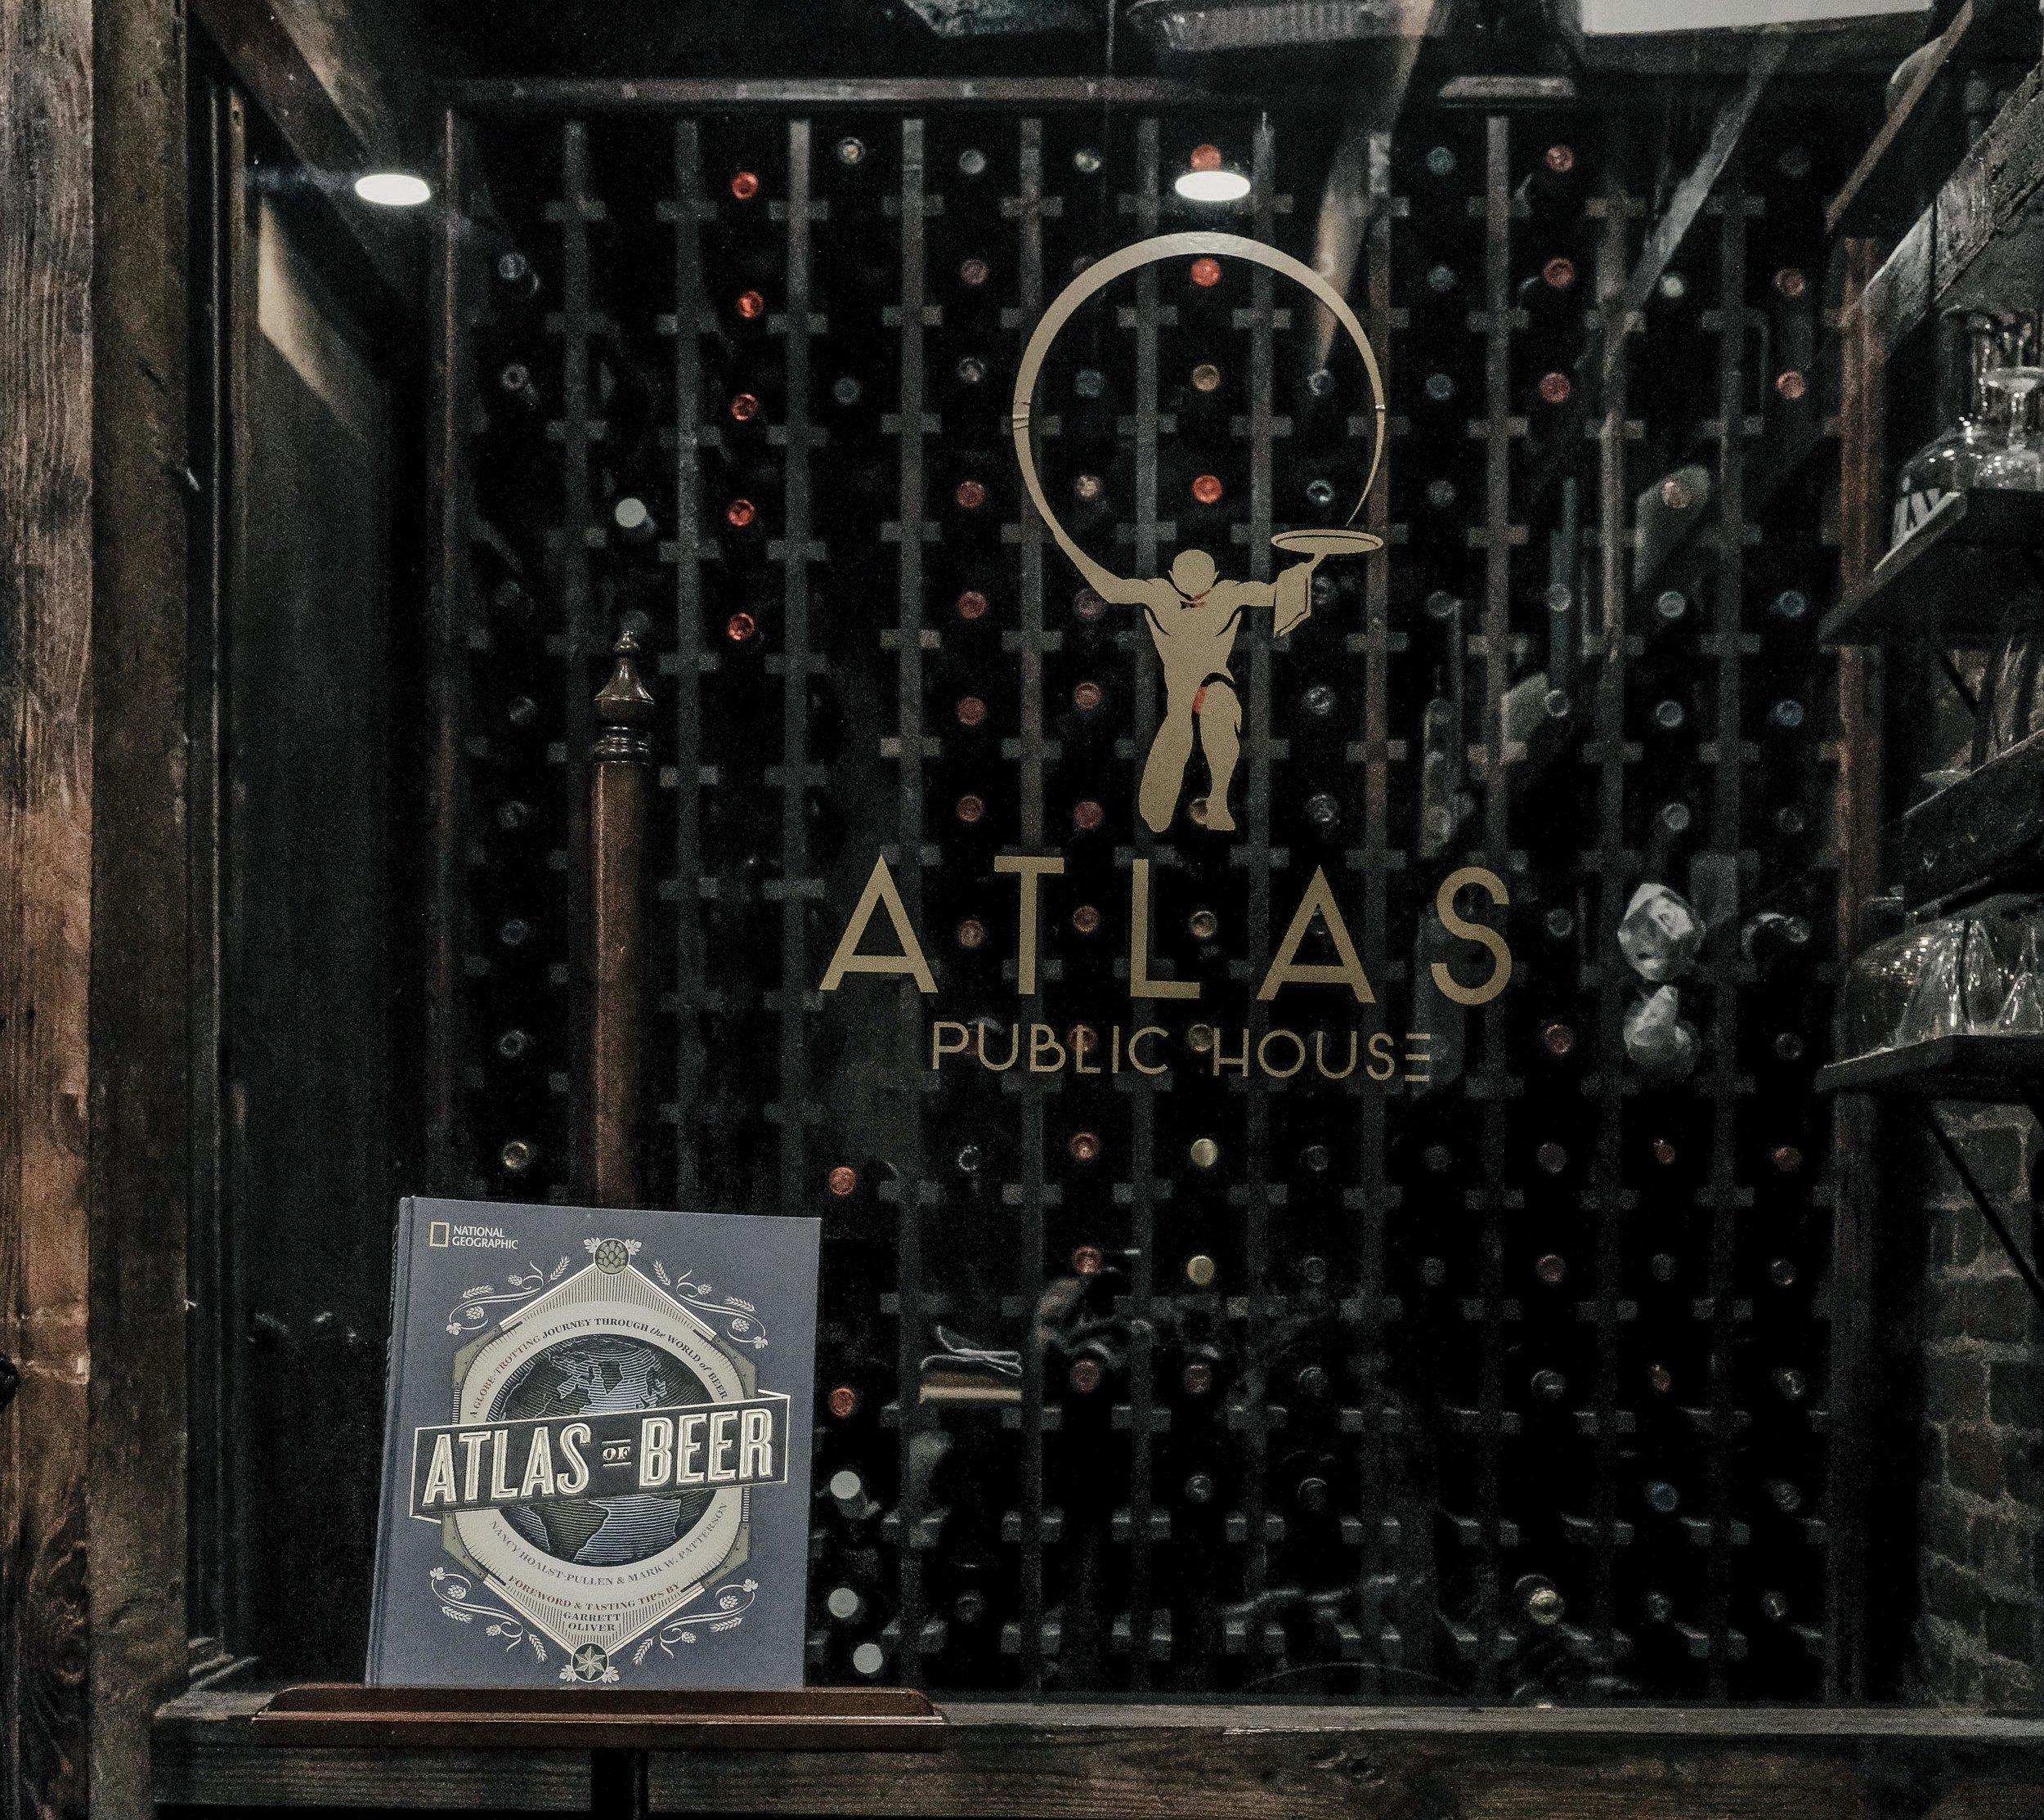 Atlas-3394.jpg